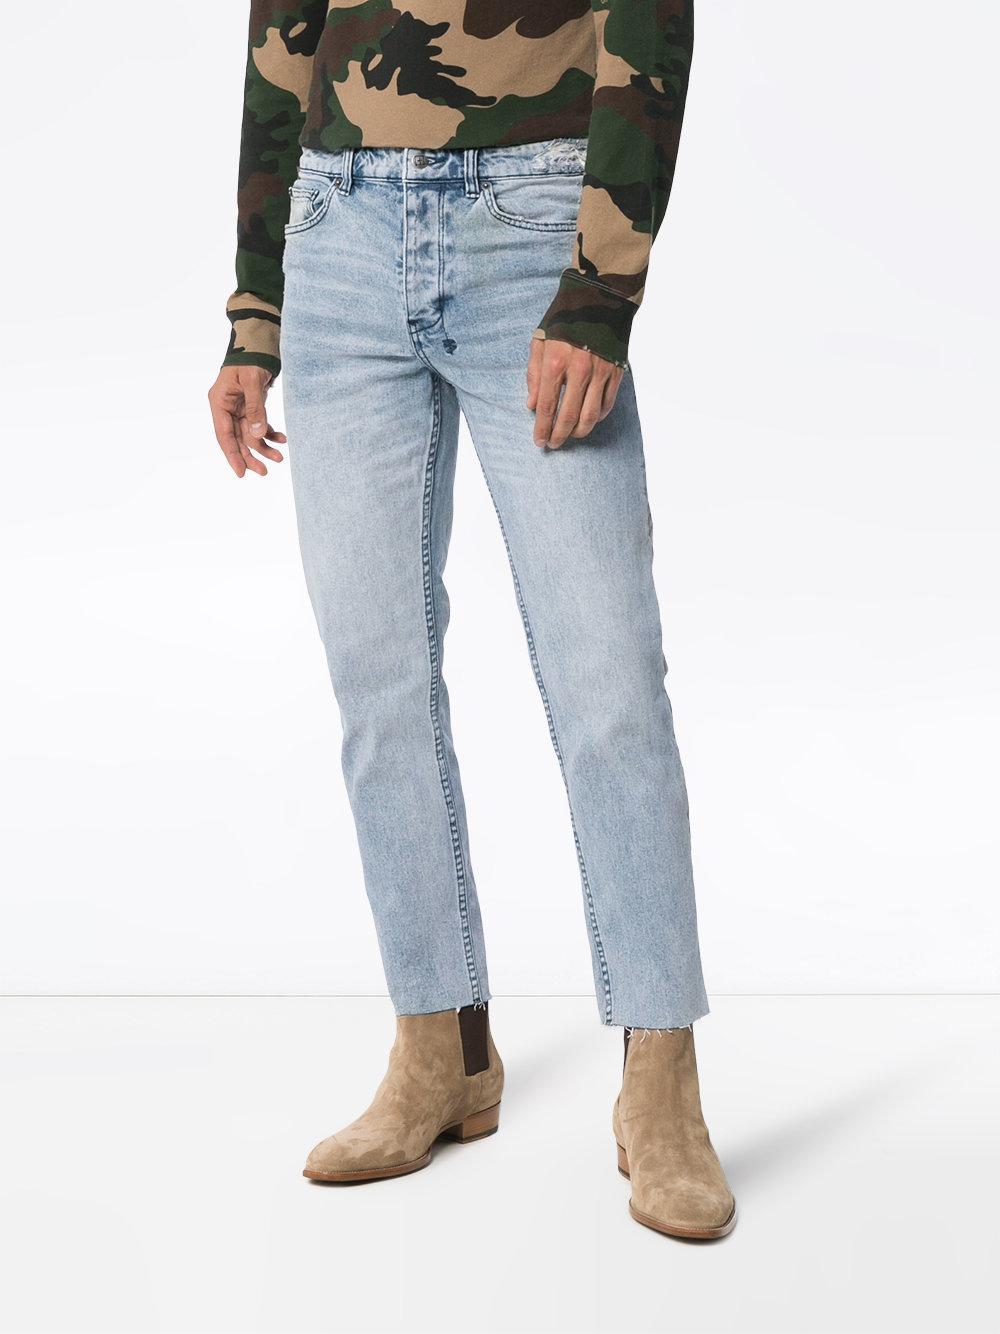 Ksubi Denim Chitch Chop Acid Attack Jeans in Blue for Men